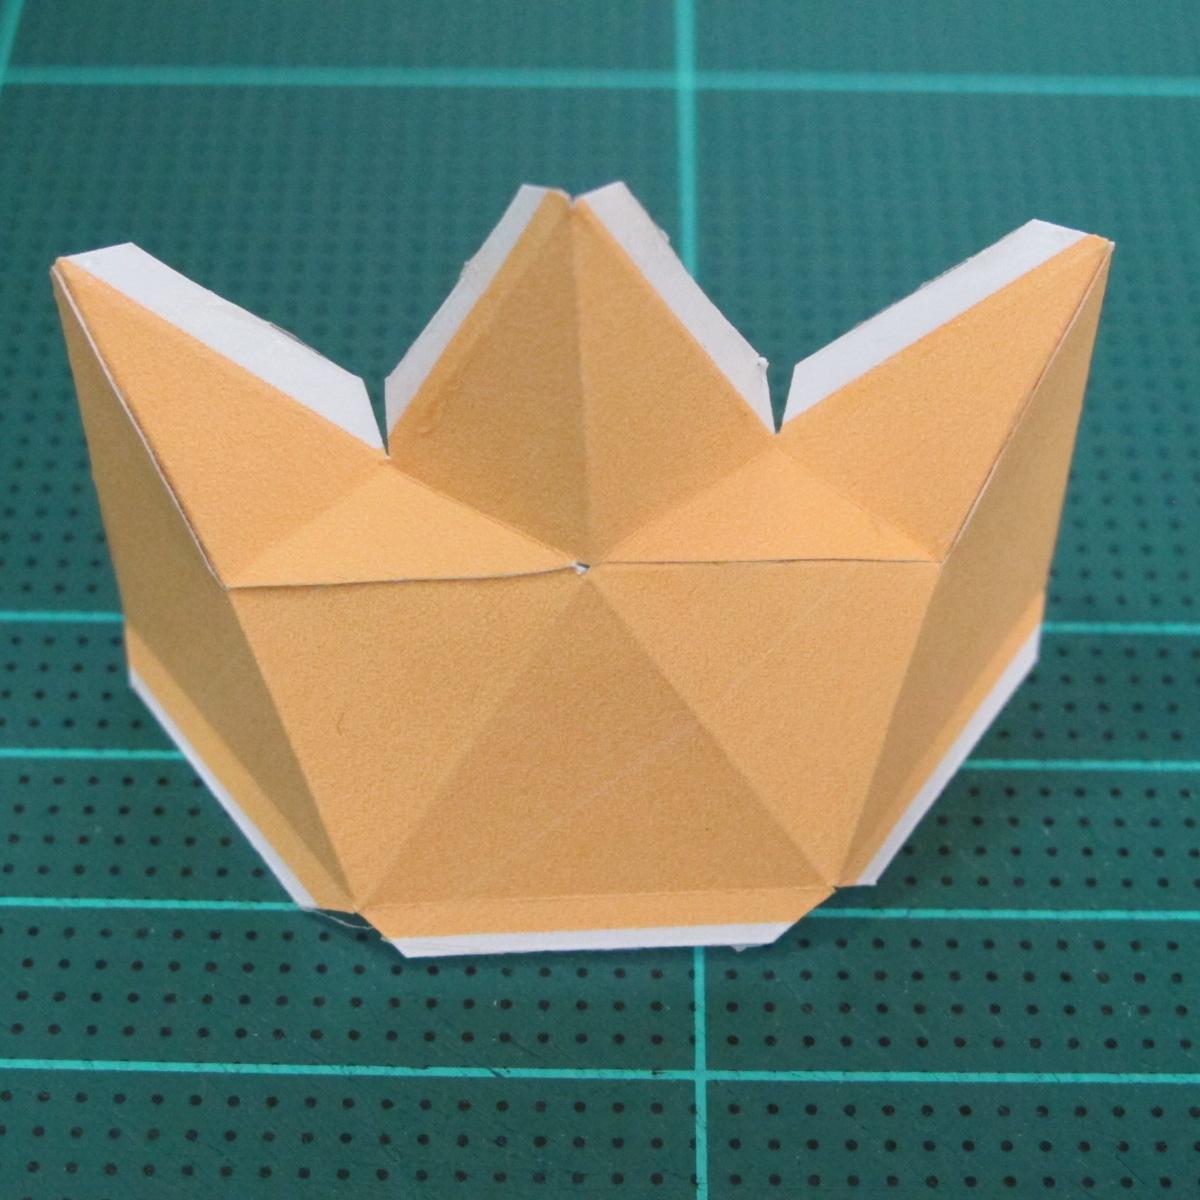 วิธีทำโมเดลกระดาษตุ้กตาสัตว์เลี้ยง หยดทองจากเกมส์ คุกกี้รัน (LINE Cookie Run Gold Drop Papercraft Model - クッキーラン  「黄金ドロップ」 ペーパークラフト) 006